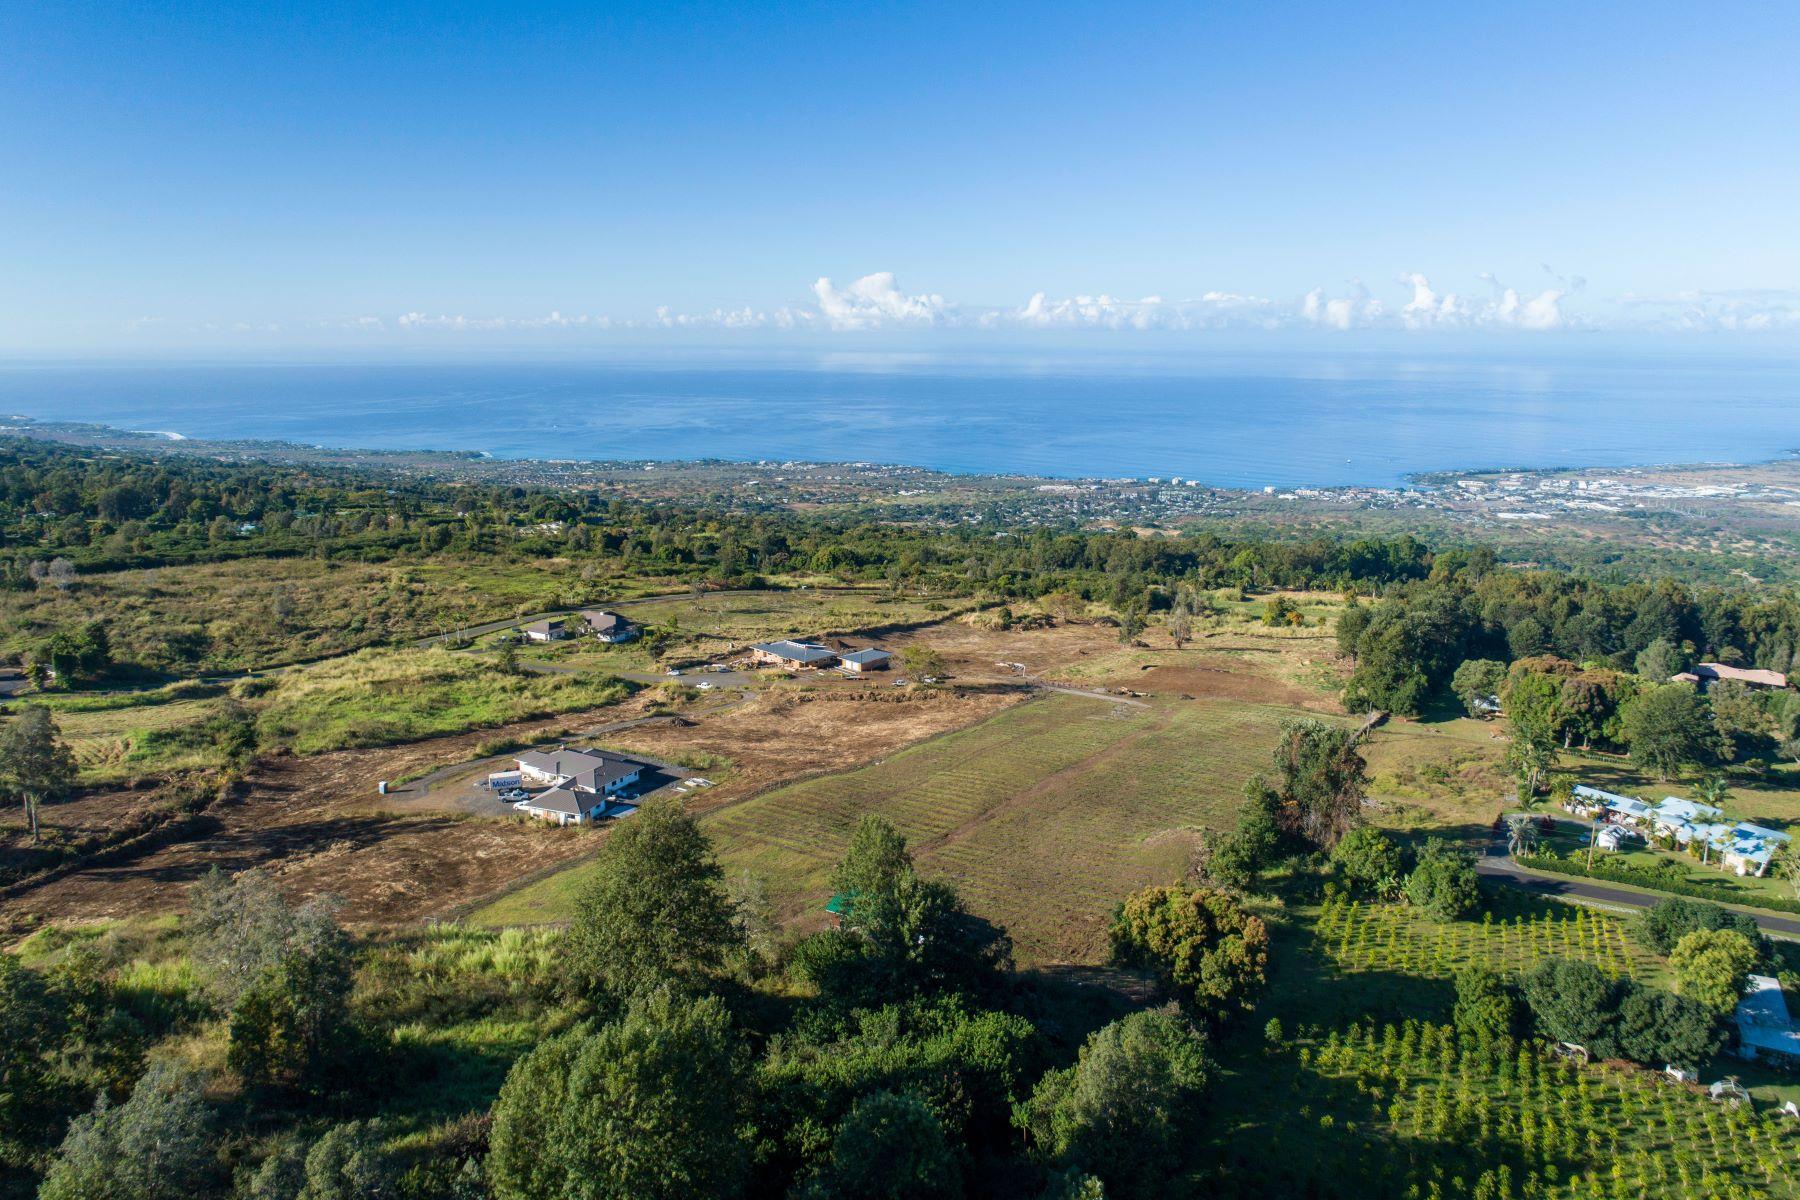 土地,用地 为 销售 在 75-1300 Keopu Mauka Drive, Holualoa, HI 96725 75-1300 Keopu Mauka Drive Lot 8 霍鲁阿诺阿, 夏威夷 96725 美国